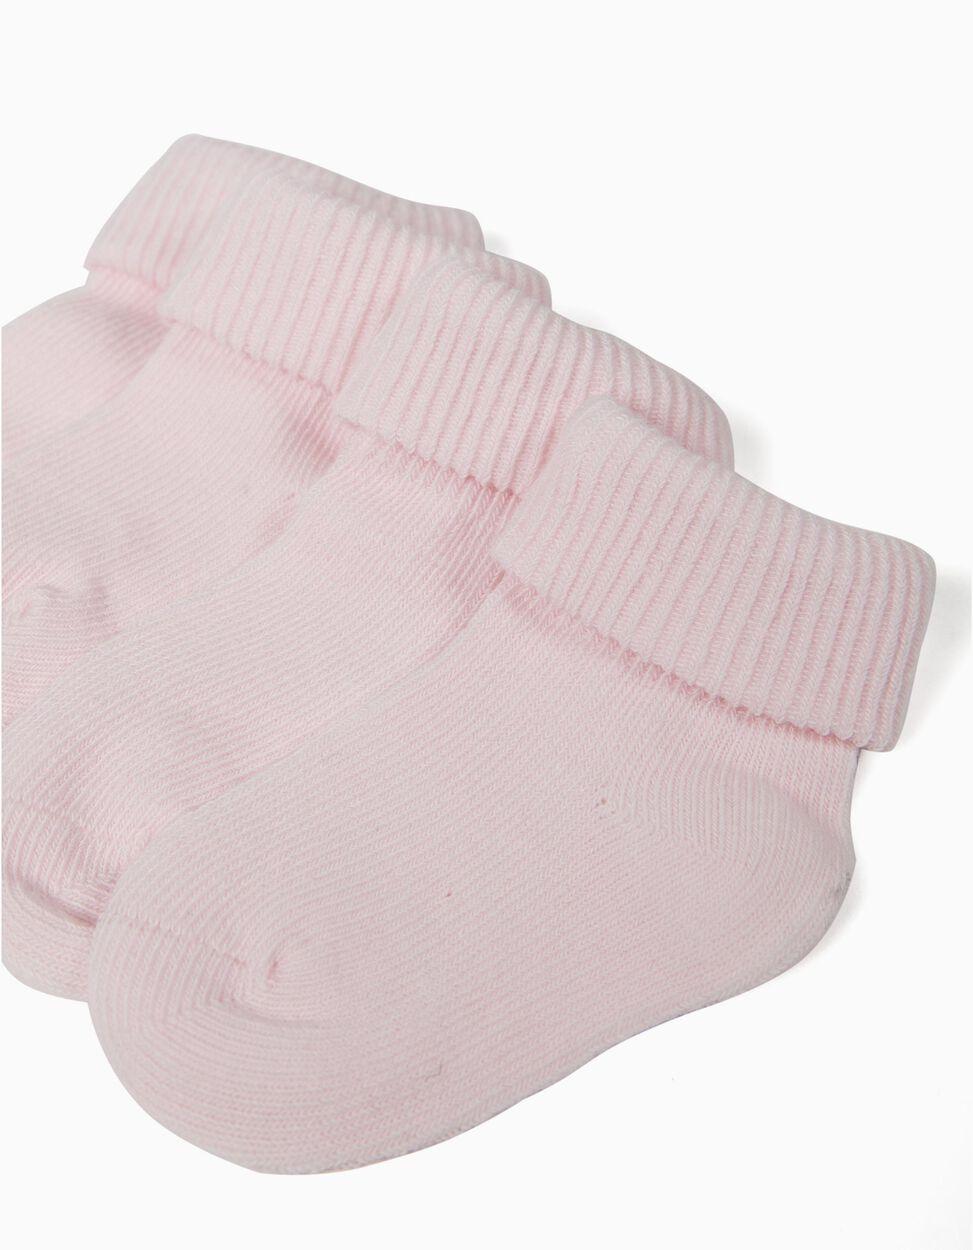 Pack 2 pares de calcetines